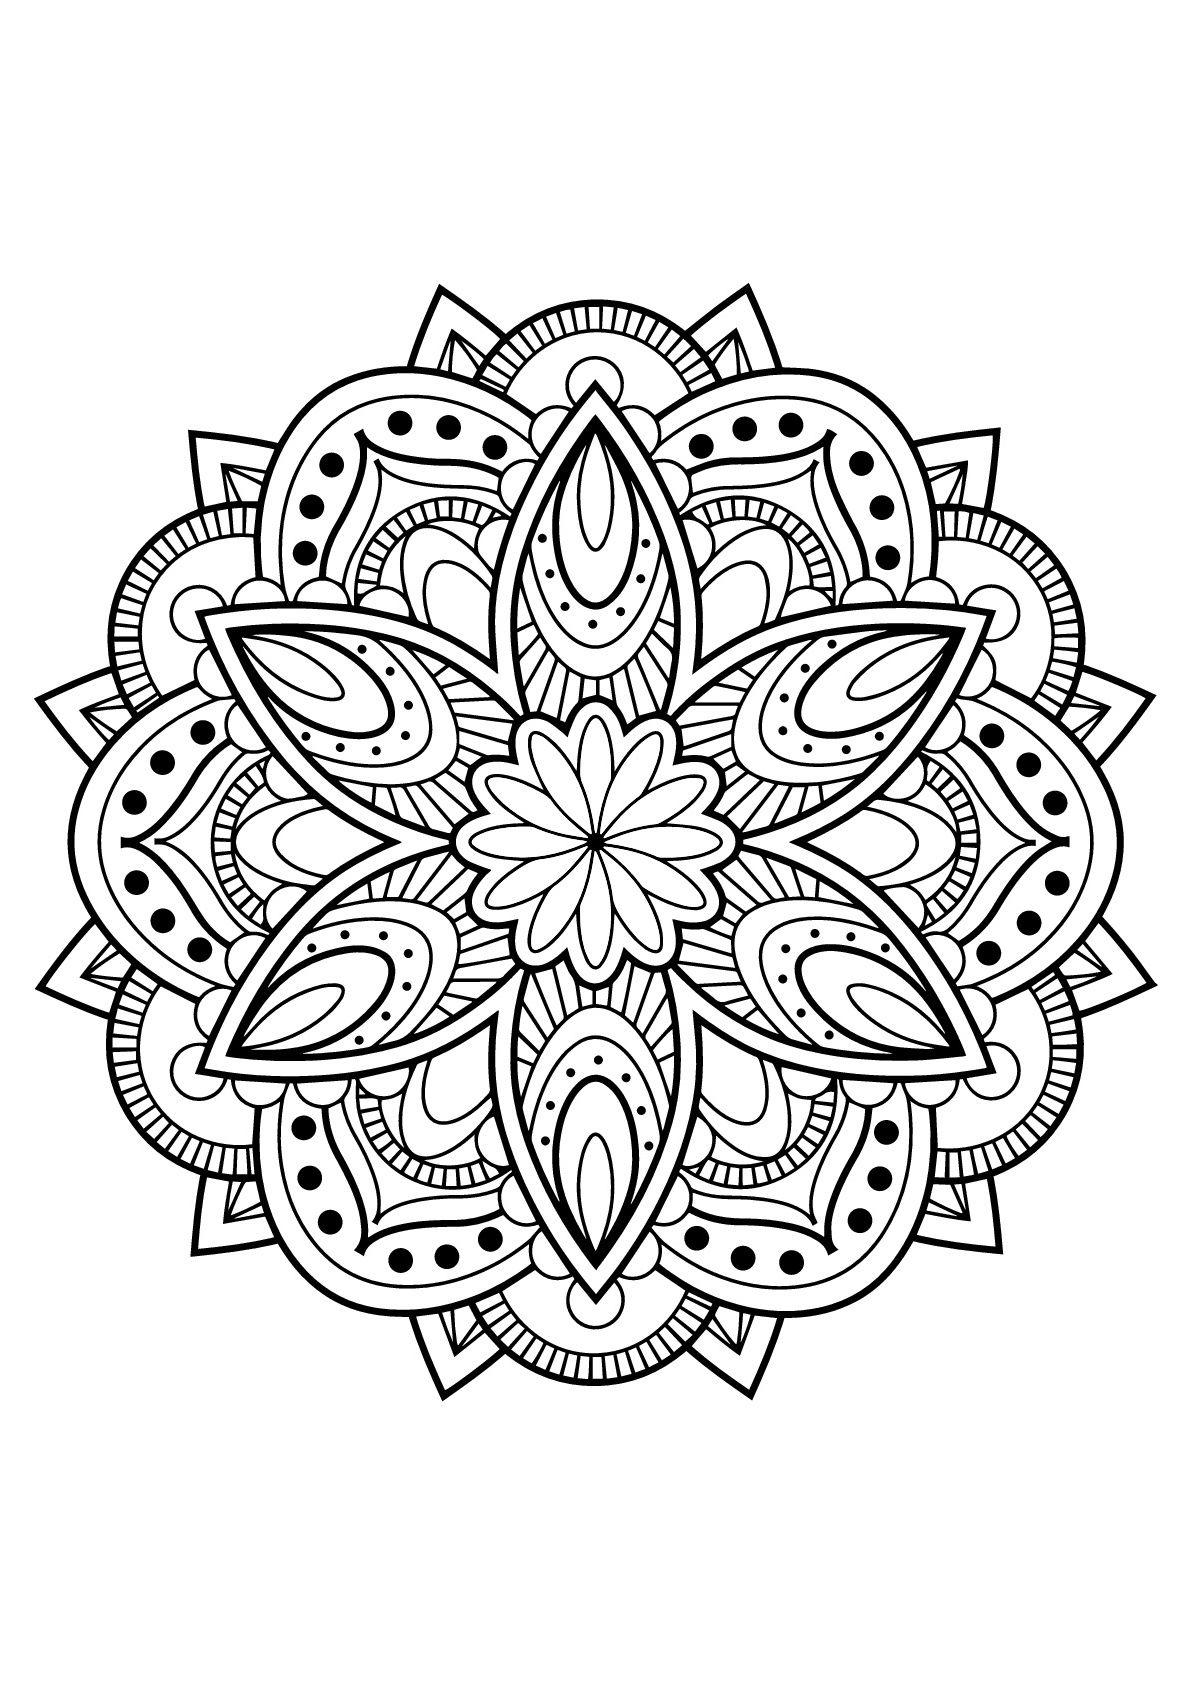 11 Qualité Coloriage Mandala Difficile Pictures | Coloriage mandala, Mandala à imprimer, Livre ...